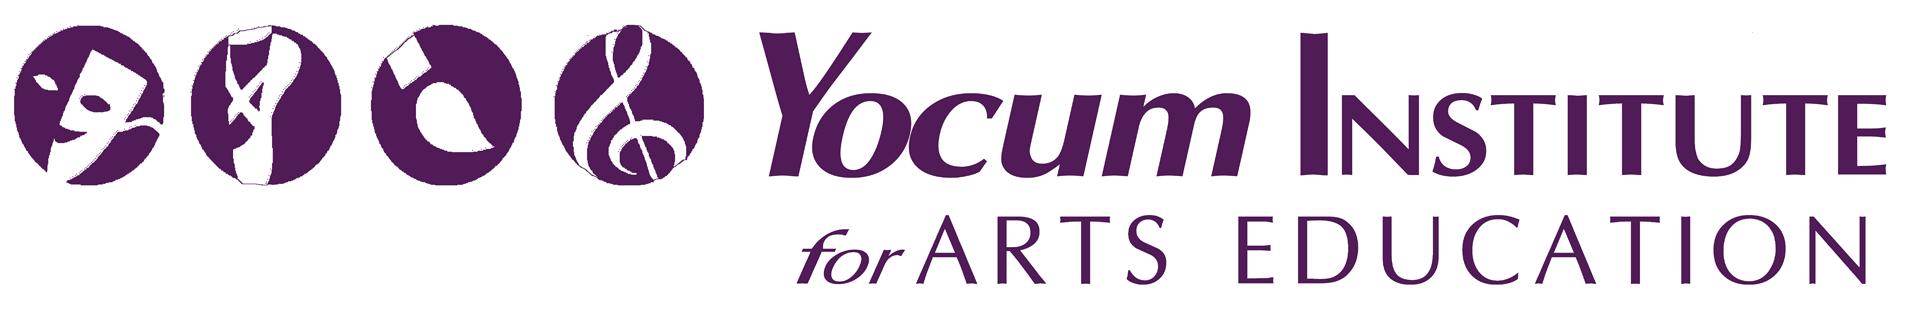 Yocum Institute for Arts Education Logo